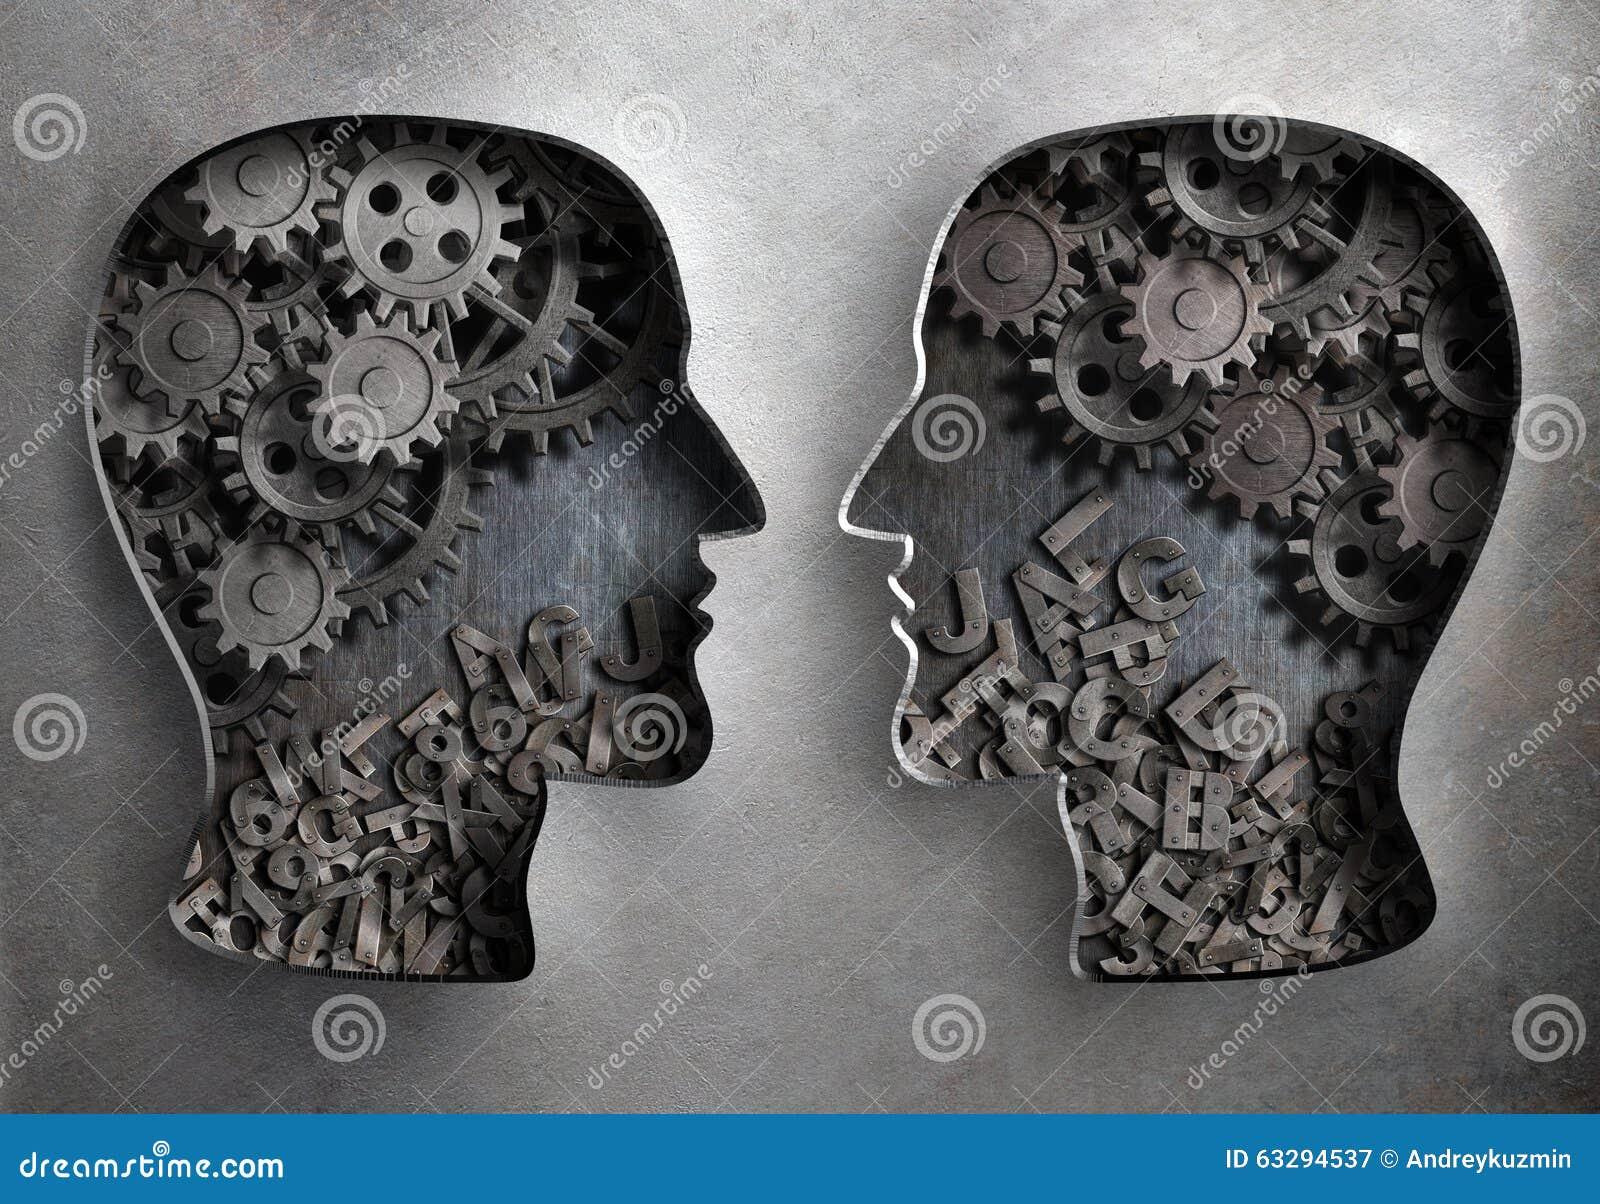 Dialogue ou communication, information et connaissance